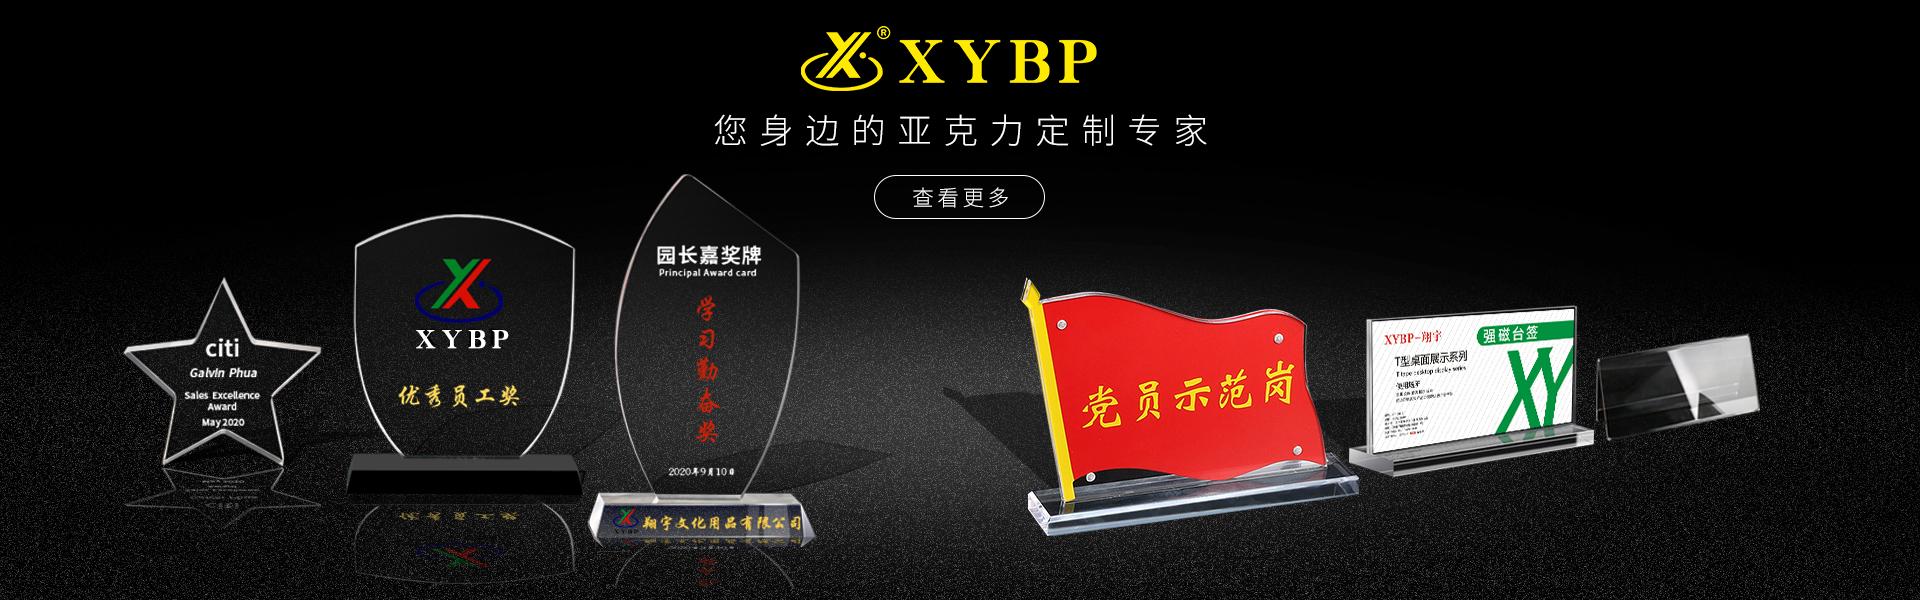 http://www.xybp.com.cn/data/upload/202103/20210317082506_787.jpg